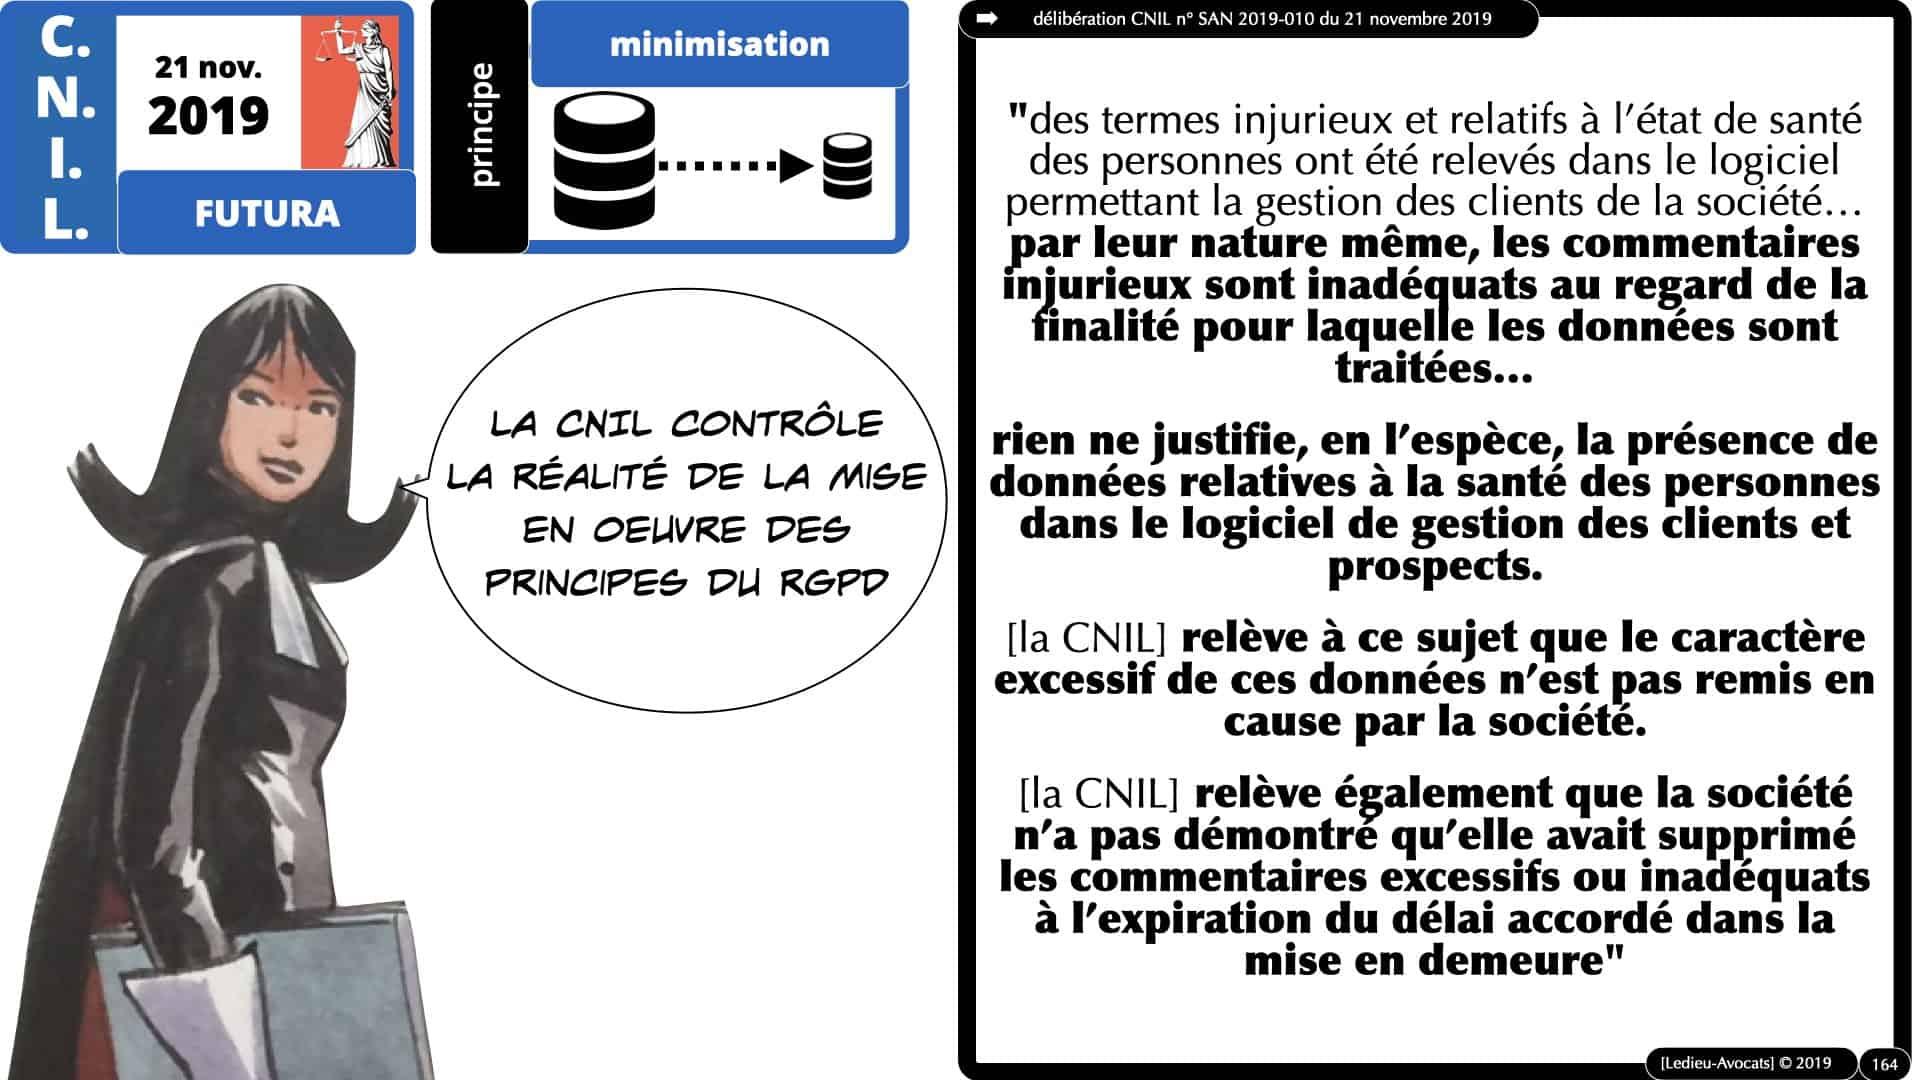 RGPD e-Privacy données personnelles jurisprudence formation Lamy Les Echos 10-02-2021 ©Ledieu-Avocats.164